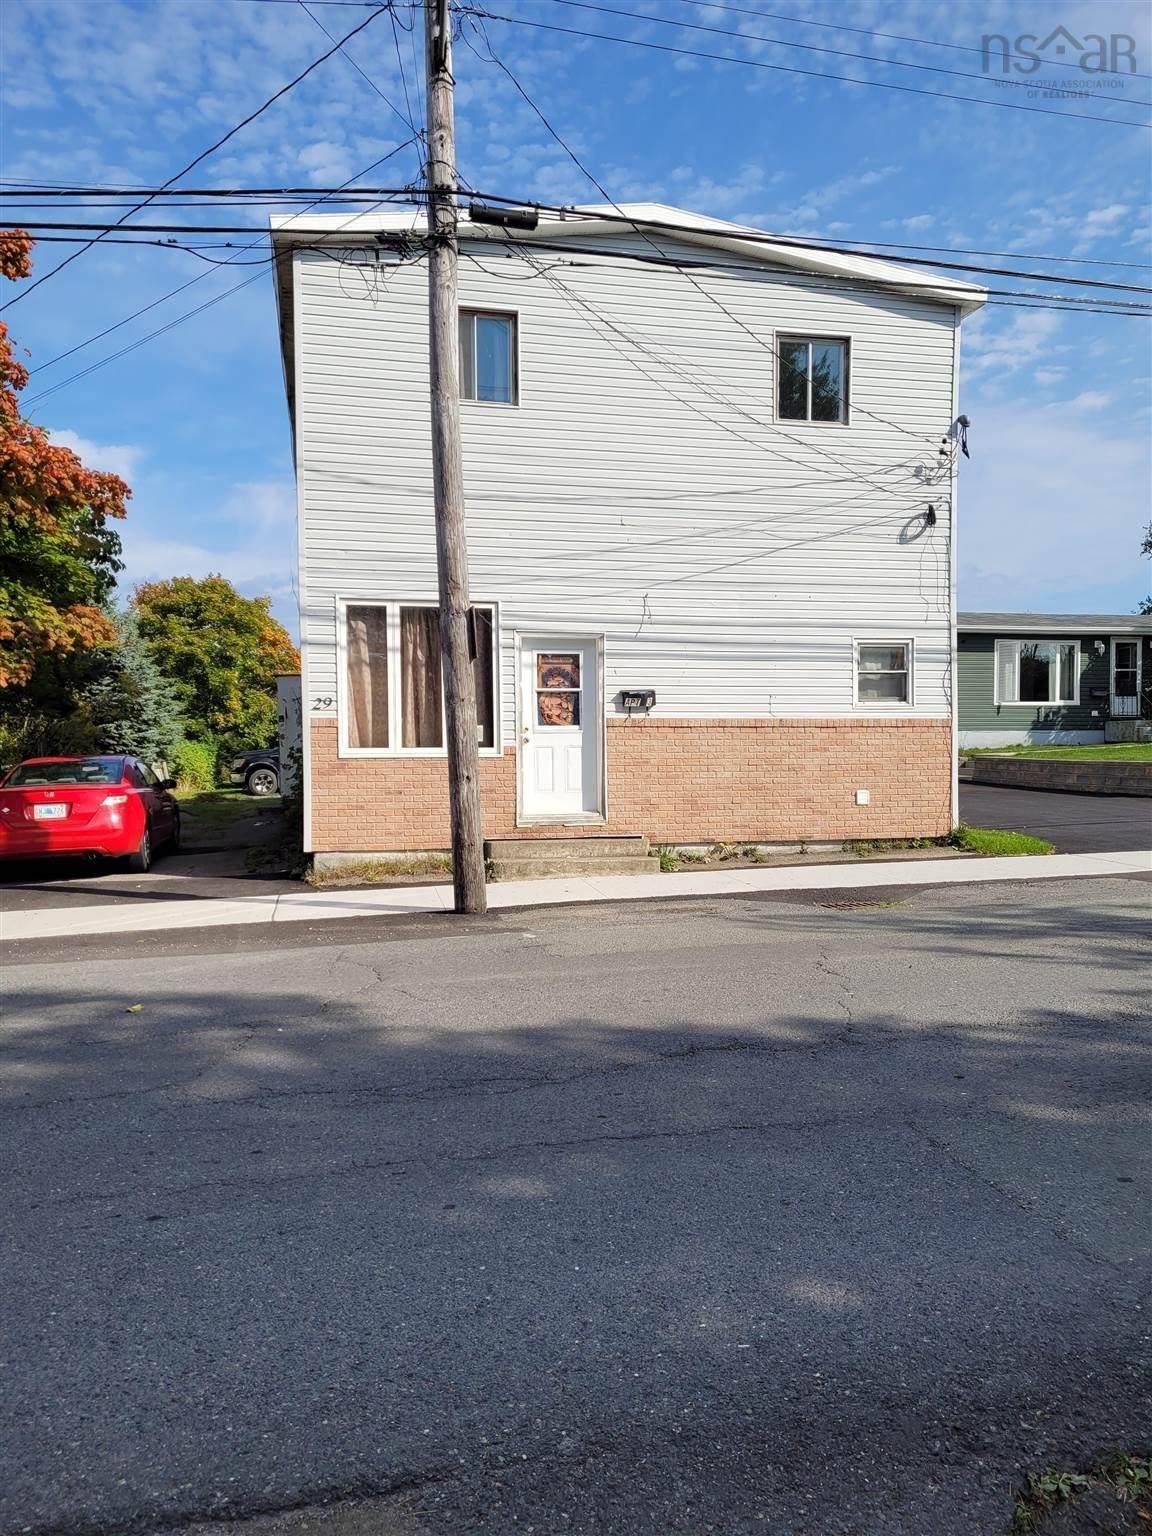 29 Pitt Street - Photo 1